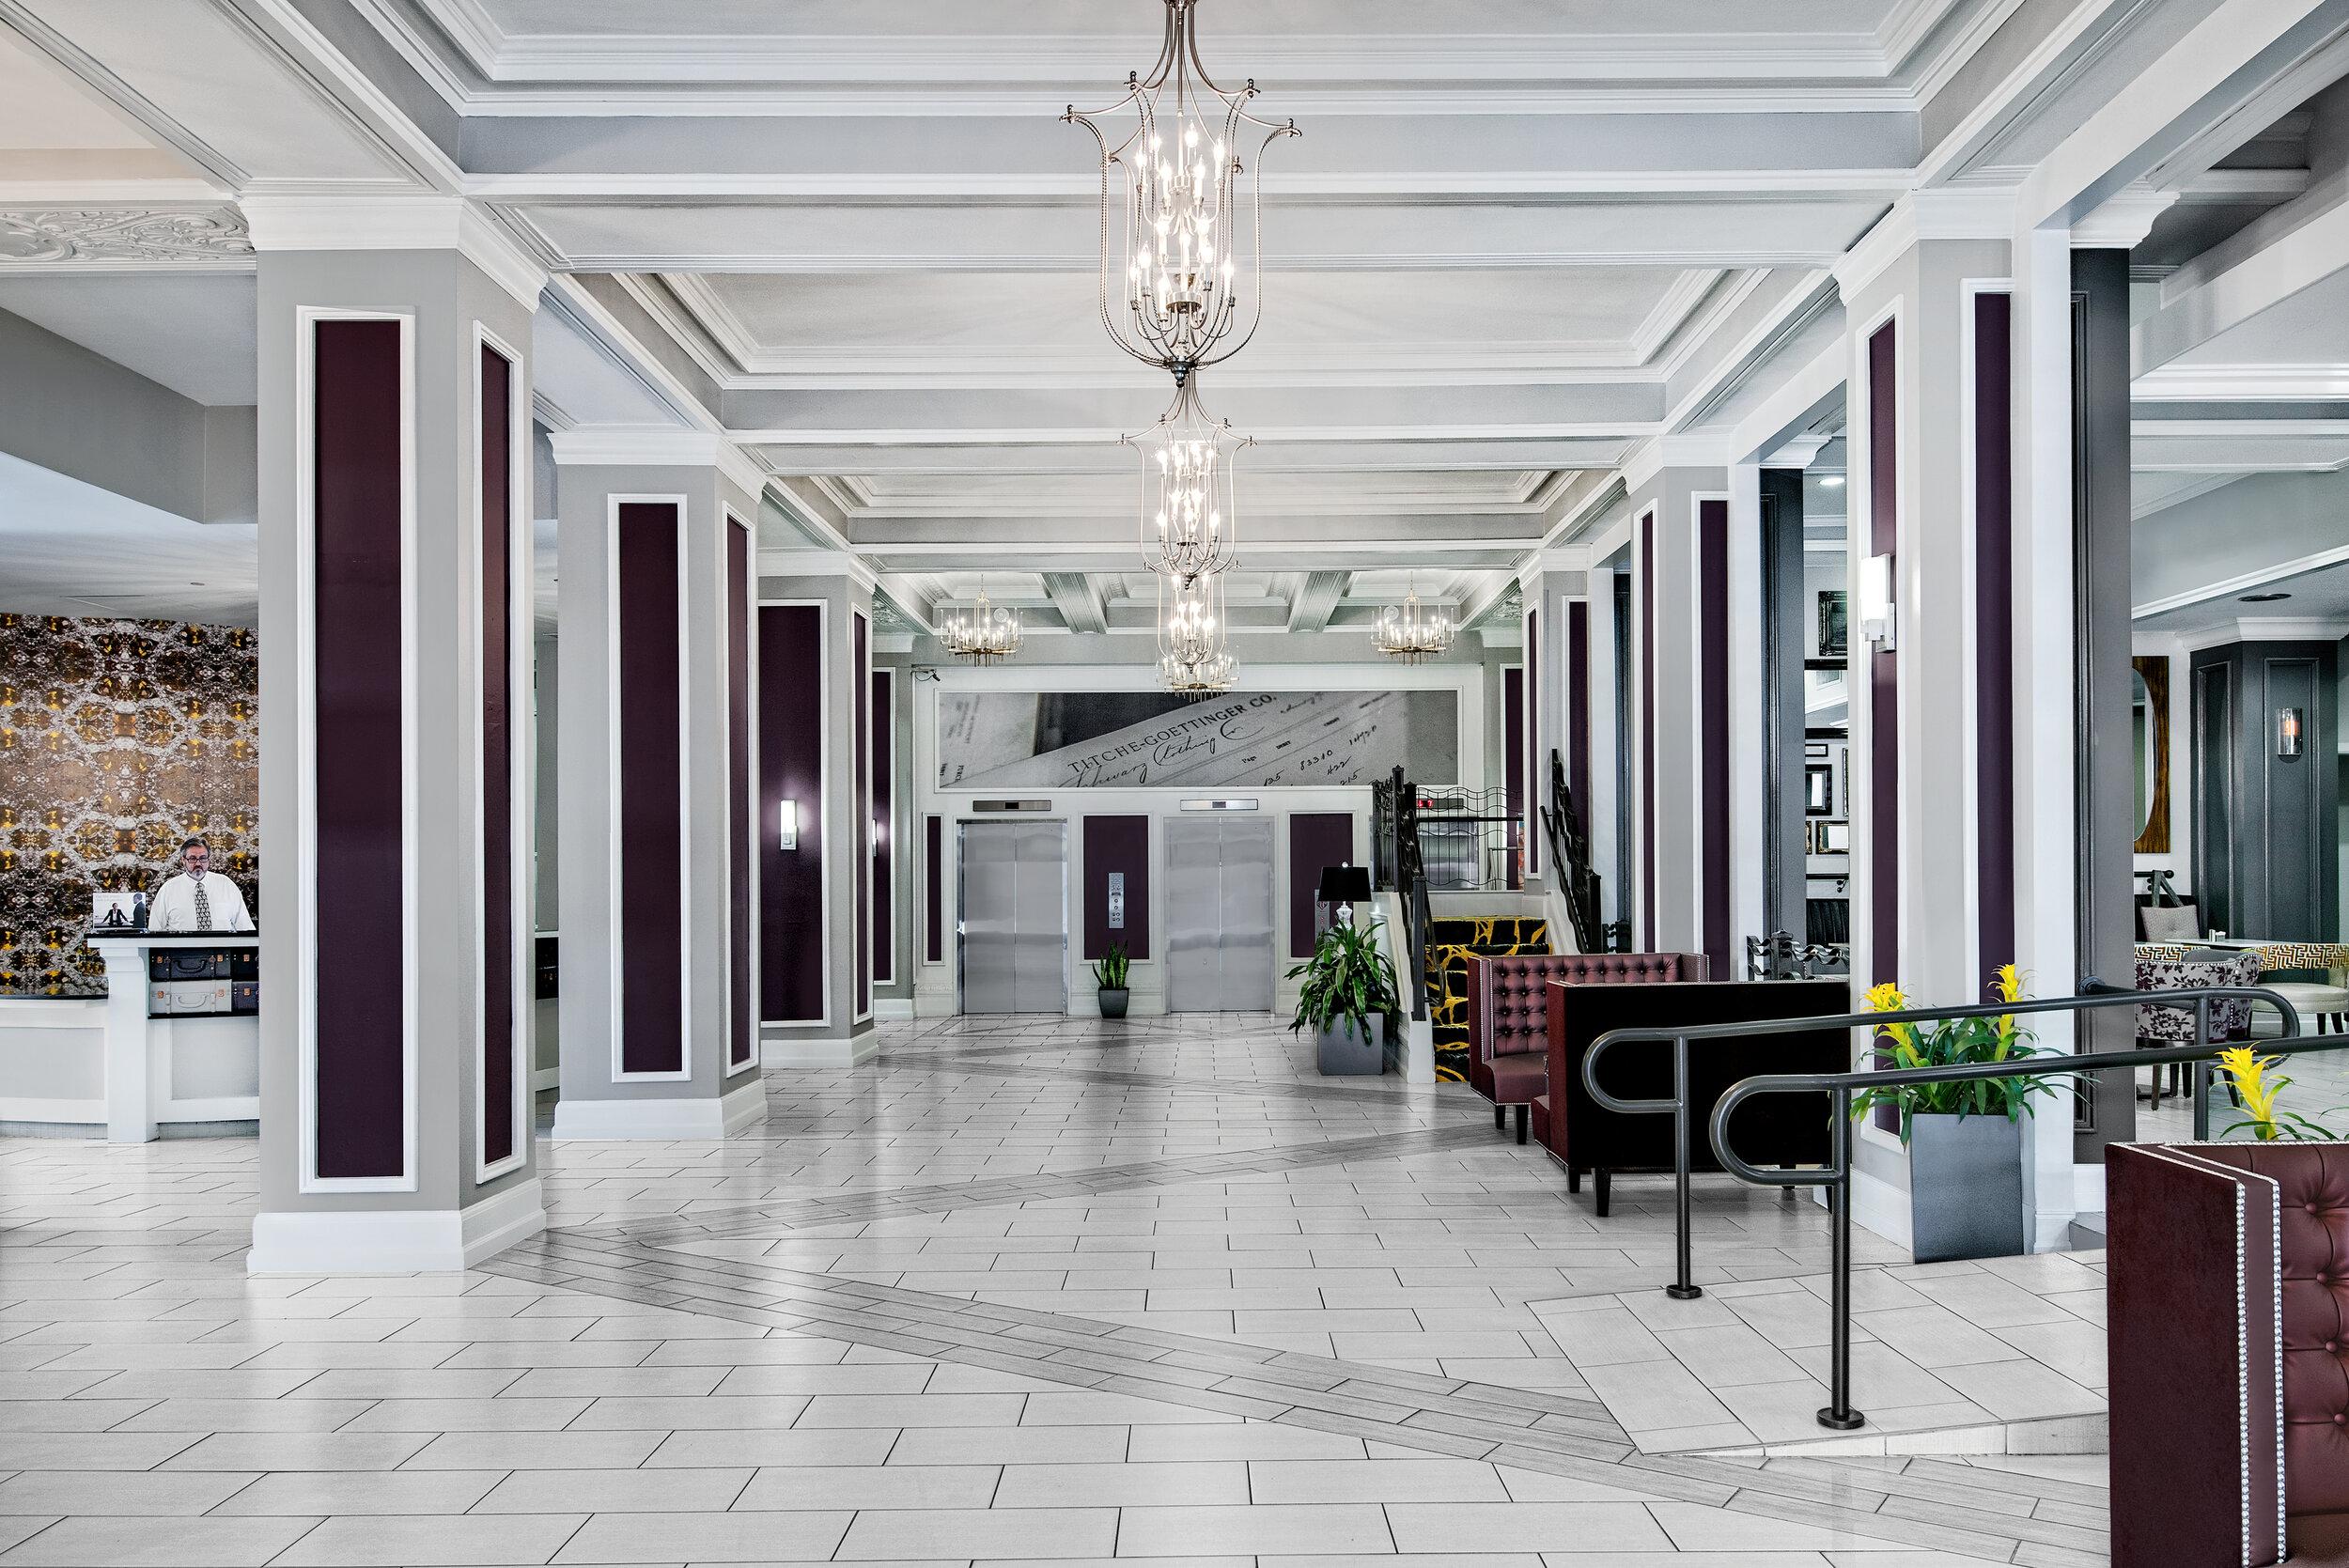 dalar-hotel-indigo-dallas-downtown-lobby-arrival.jpg